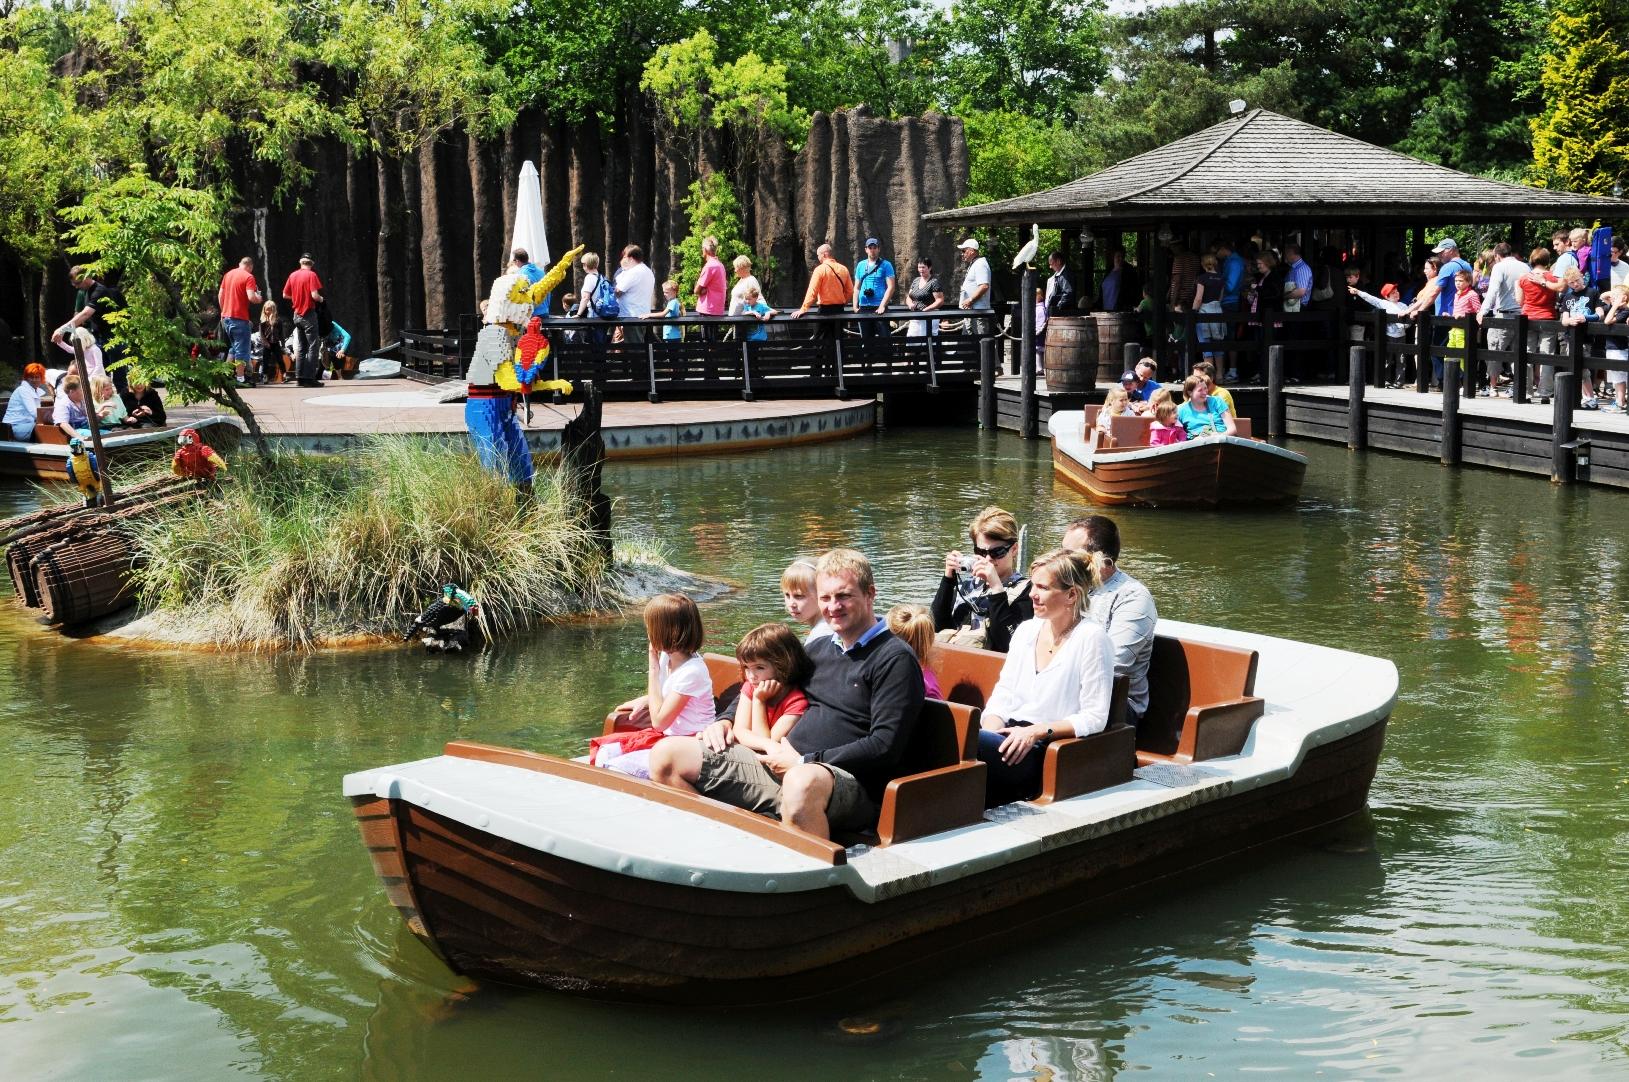 Pirate Boats in Legoland Billund